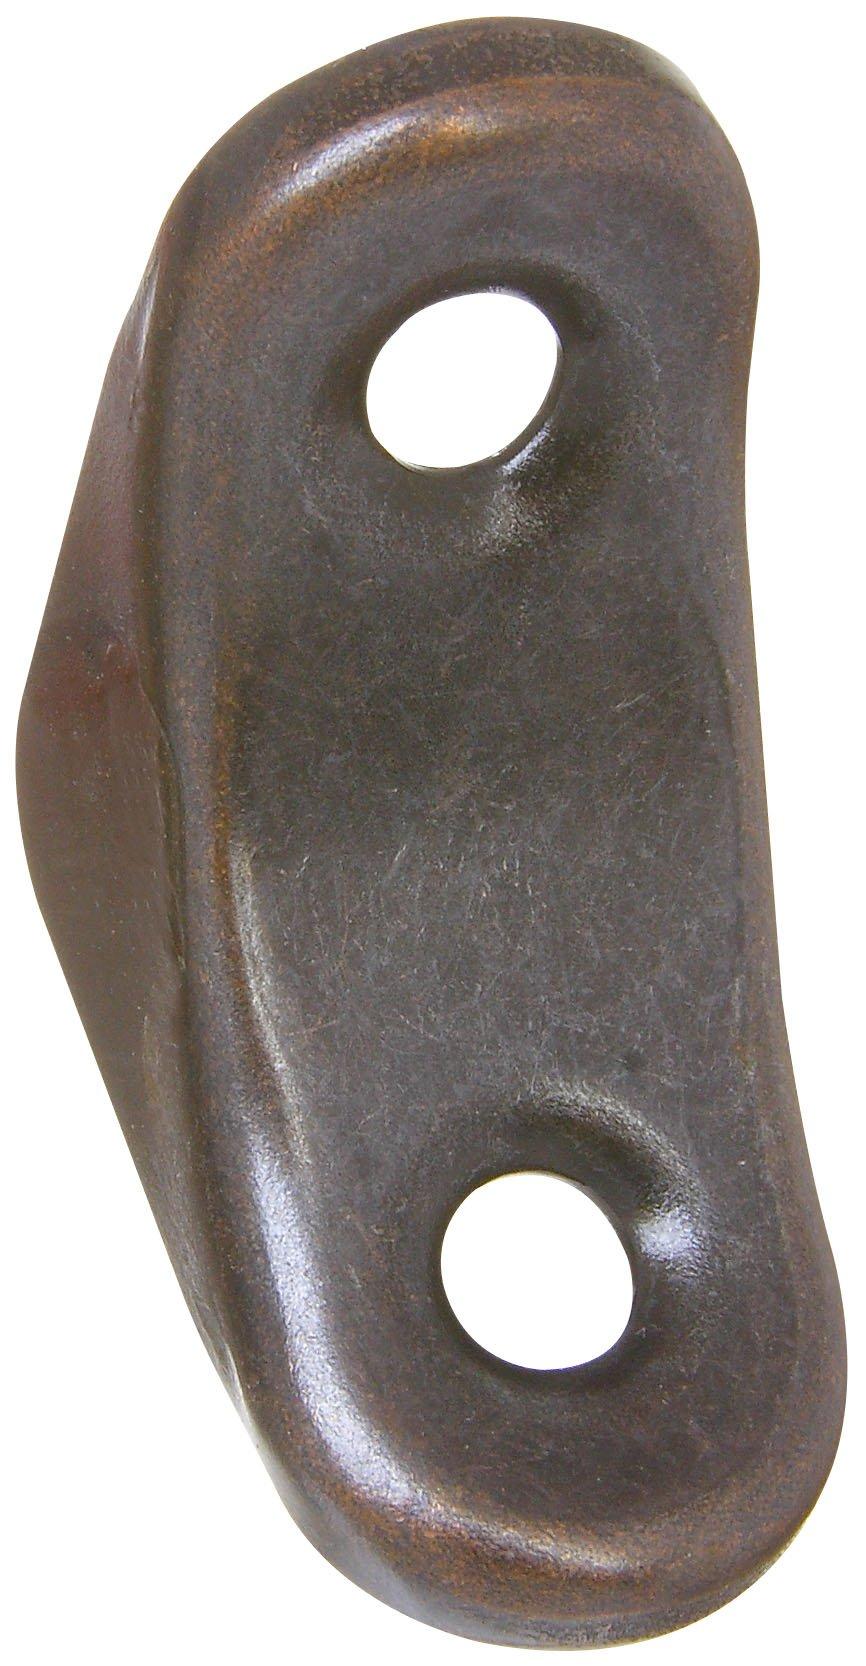 """Stanley Hardware S730-300 996 Chair Leg Brace in Brown, 1"""" x 1"""", 4 piece"""